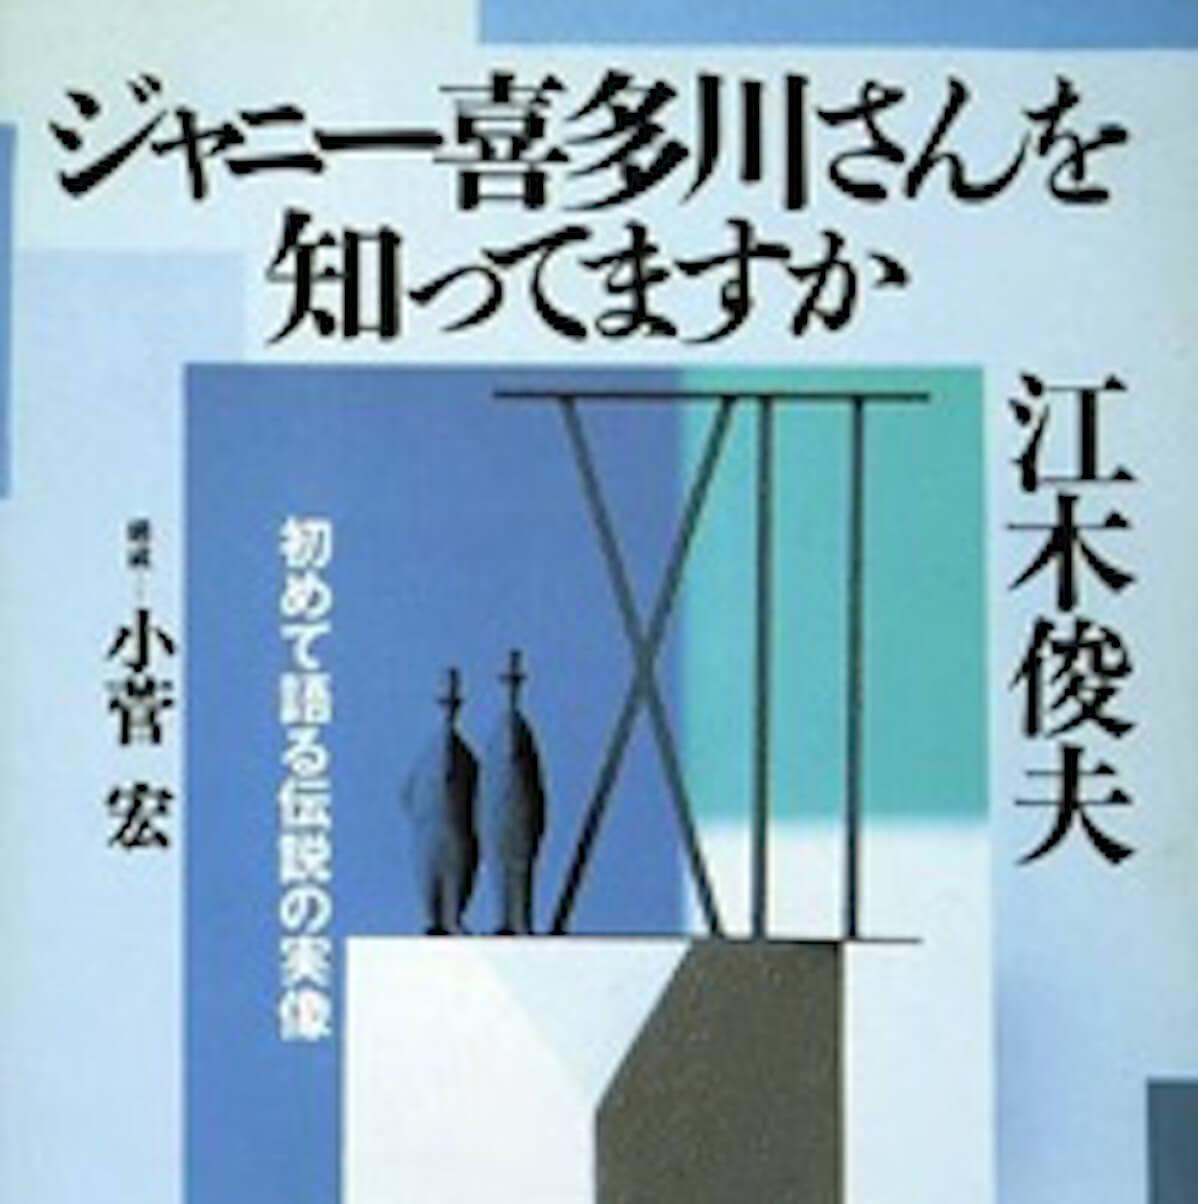 誕 ブログ 豊川 ニューセンチュリーレコード株式会社|豊川誕